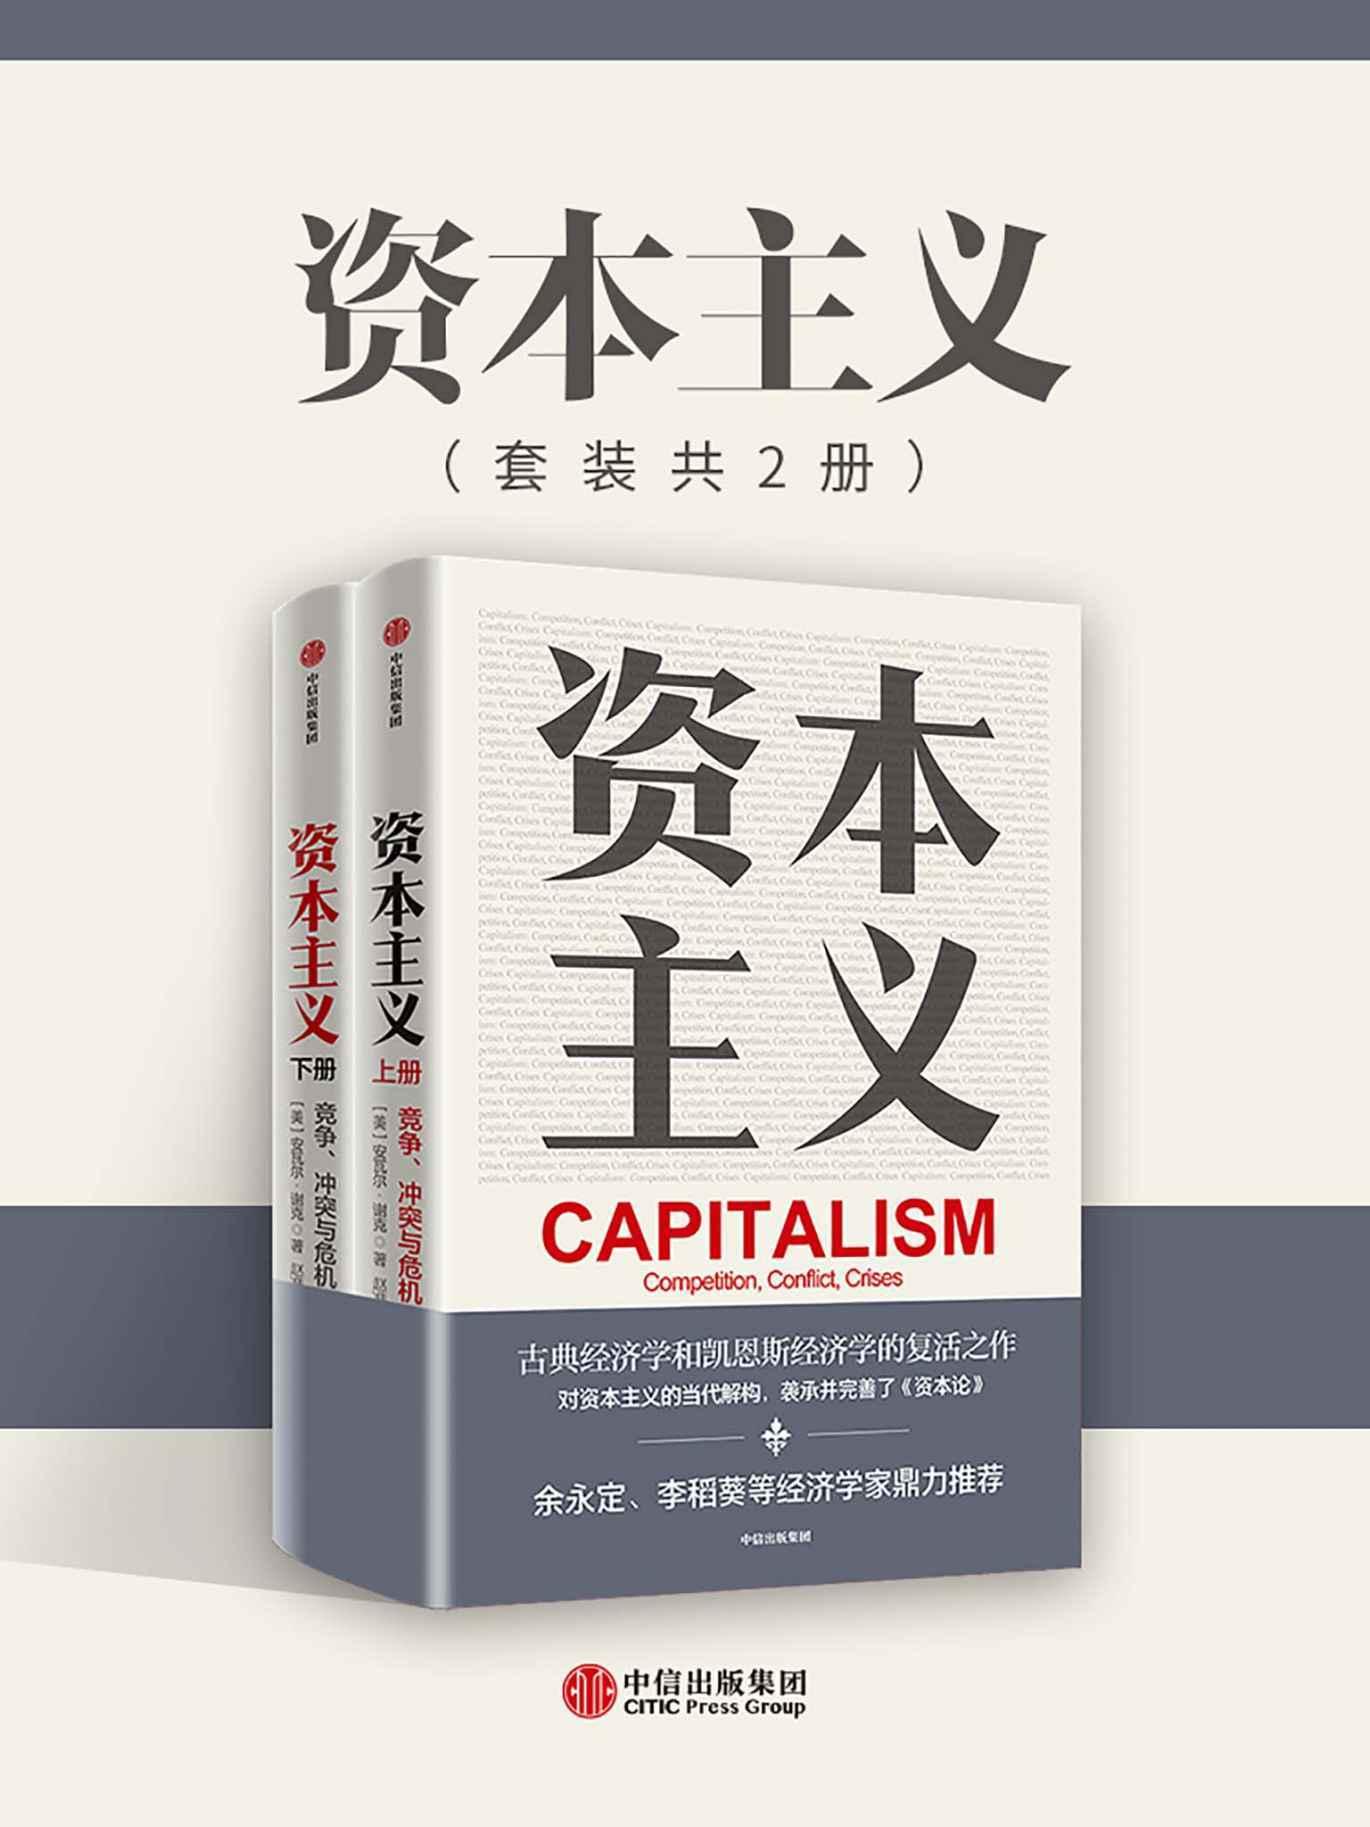 资本主义 : 竞争、冲突与危机 [美]安瓦尔∙谢克